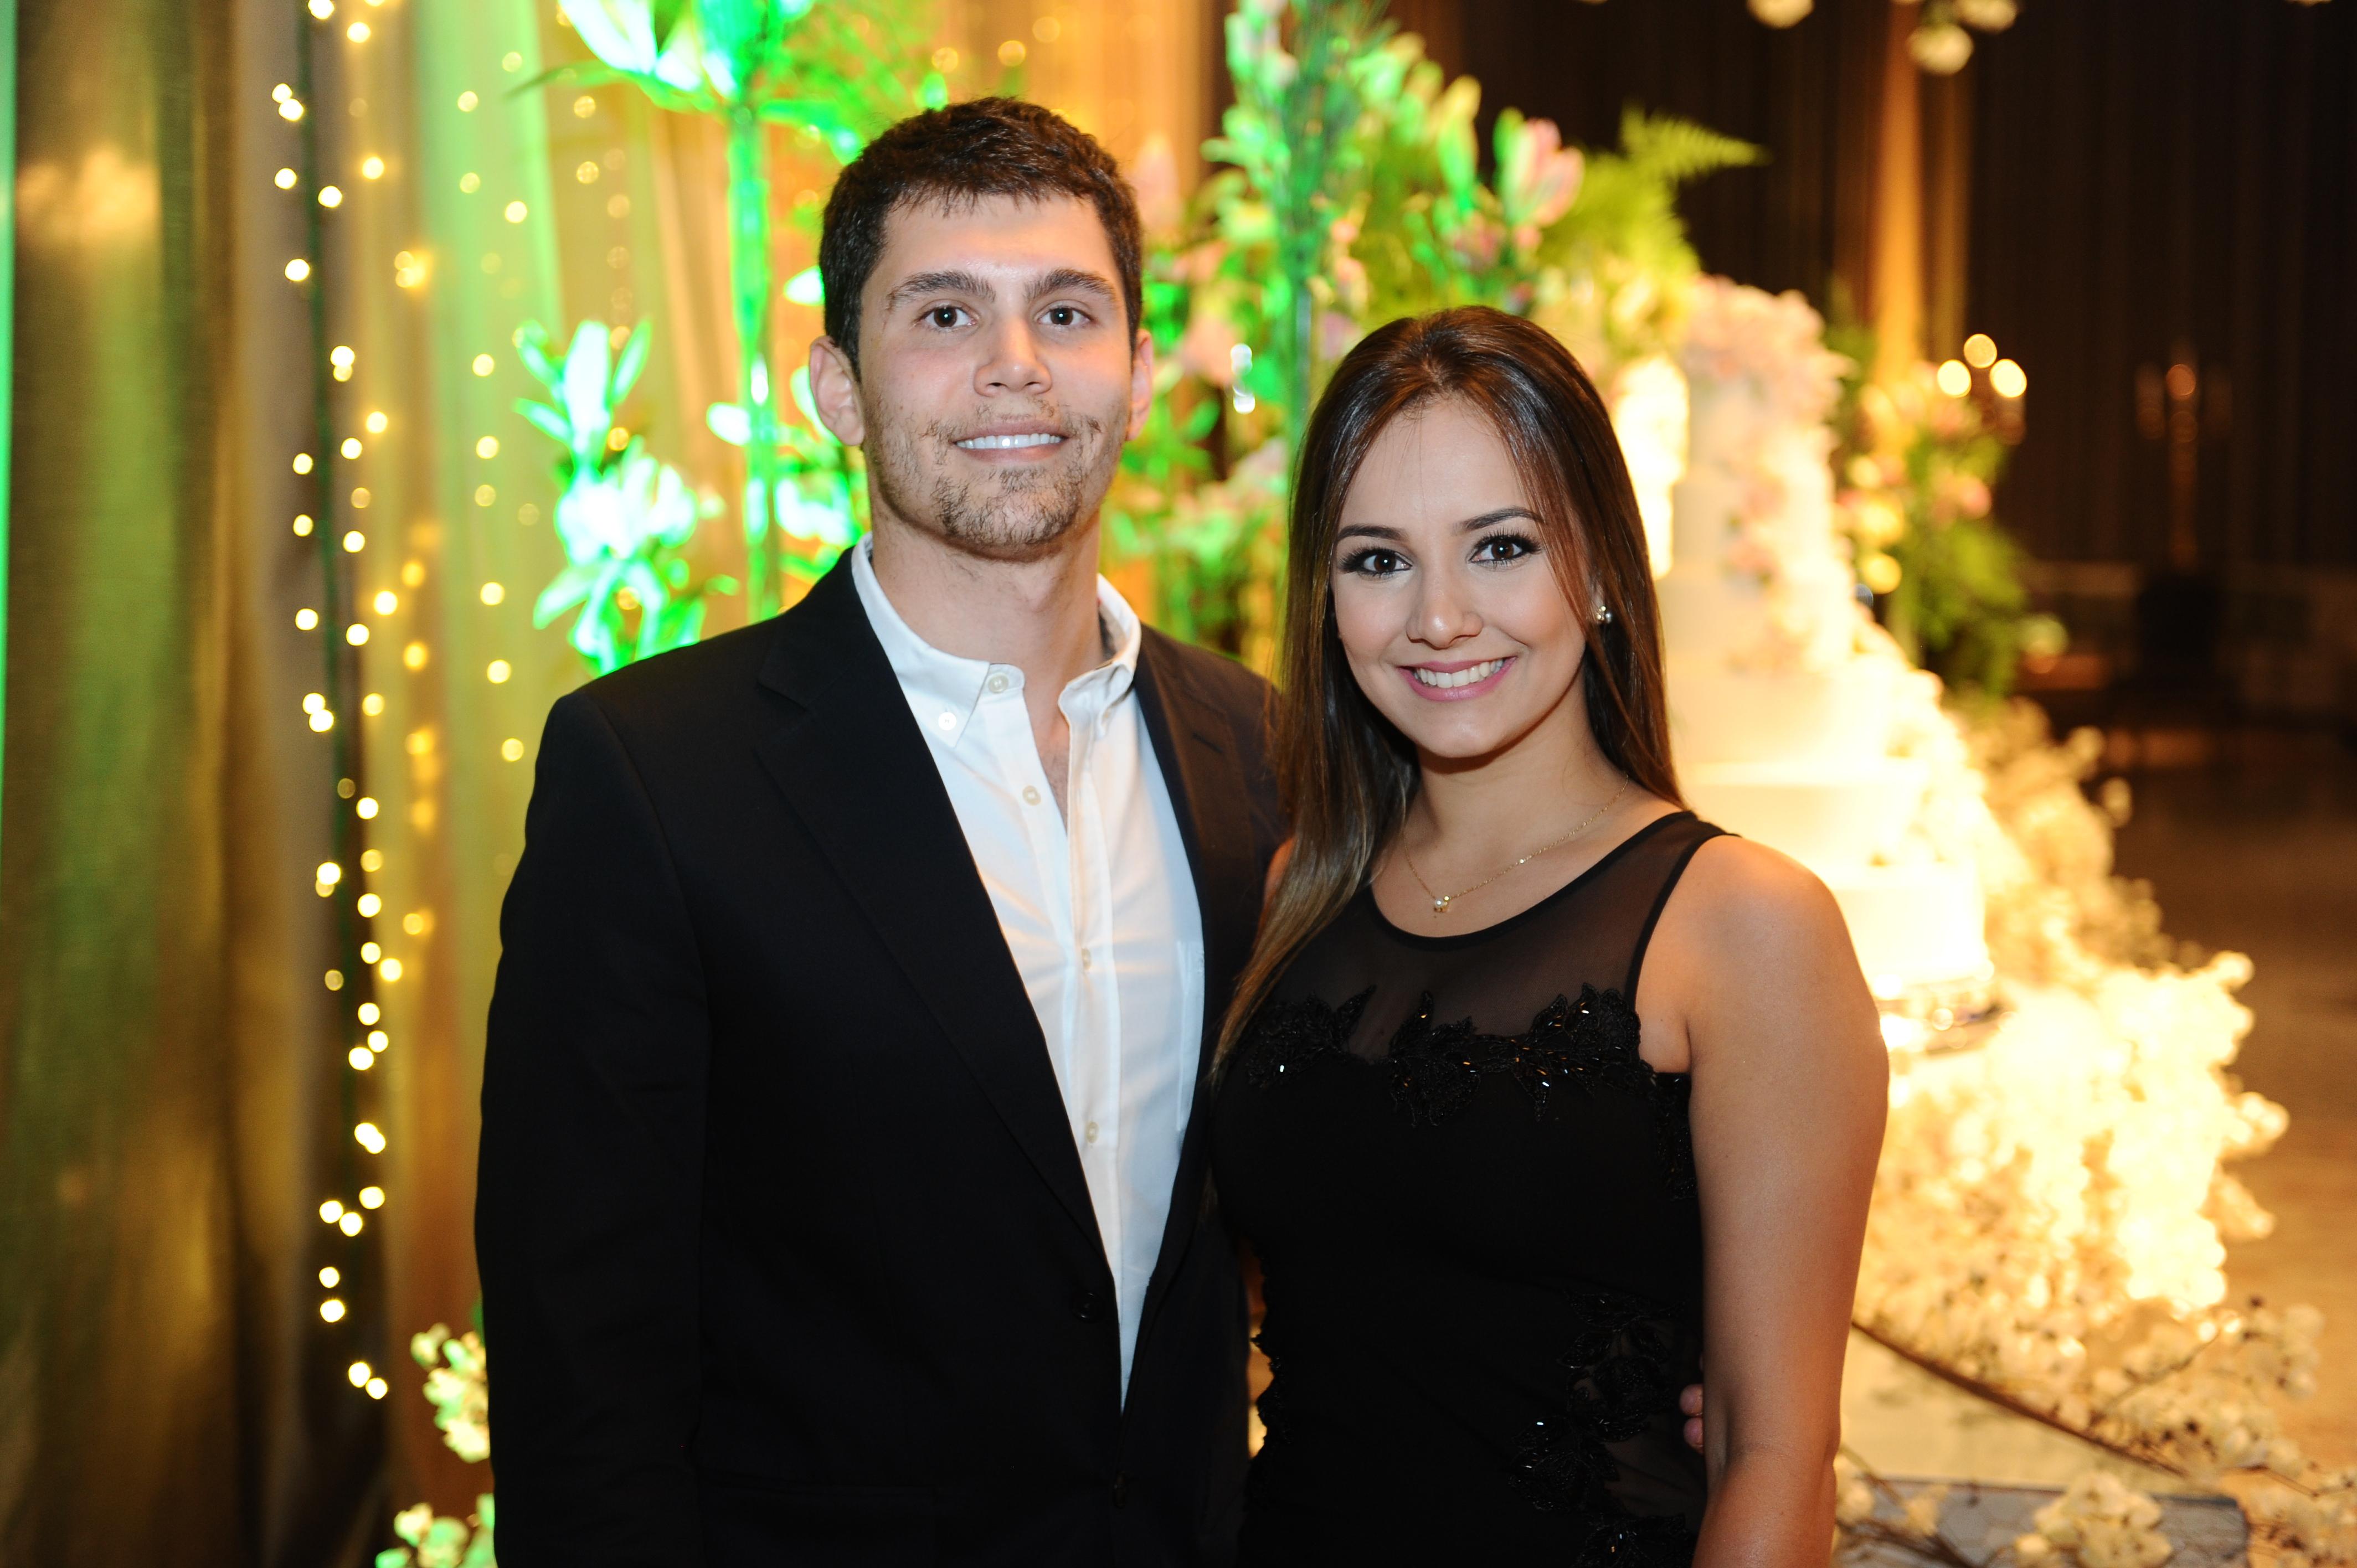 Os noivos Guilherme Rodolfo Reich e Bruna Silveira, em noite de festa